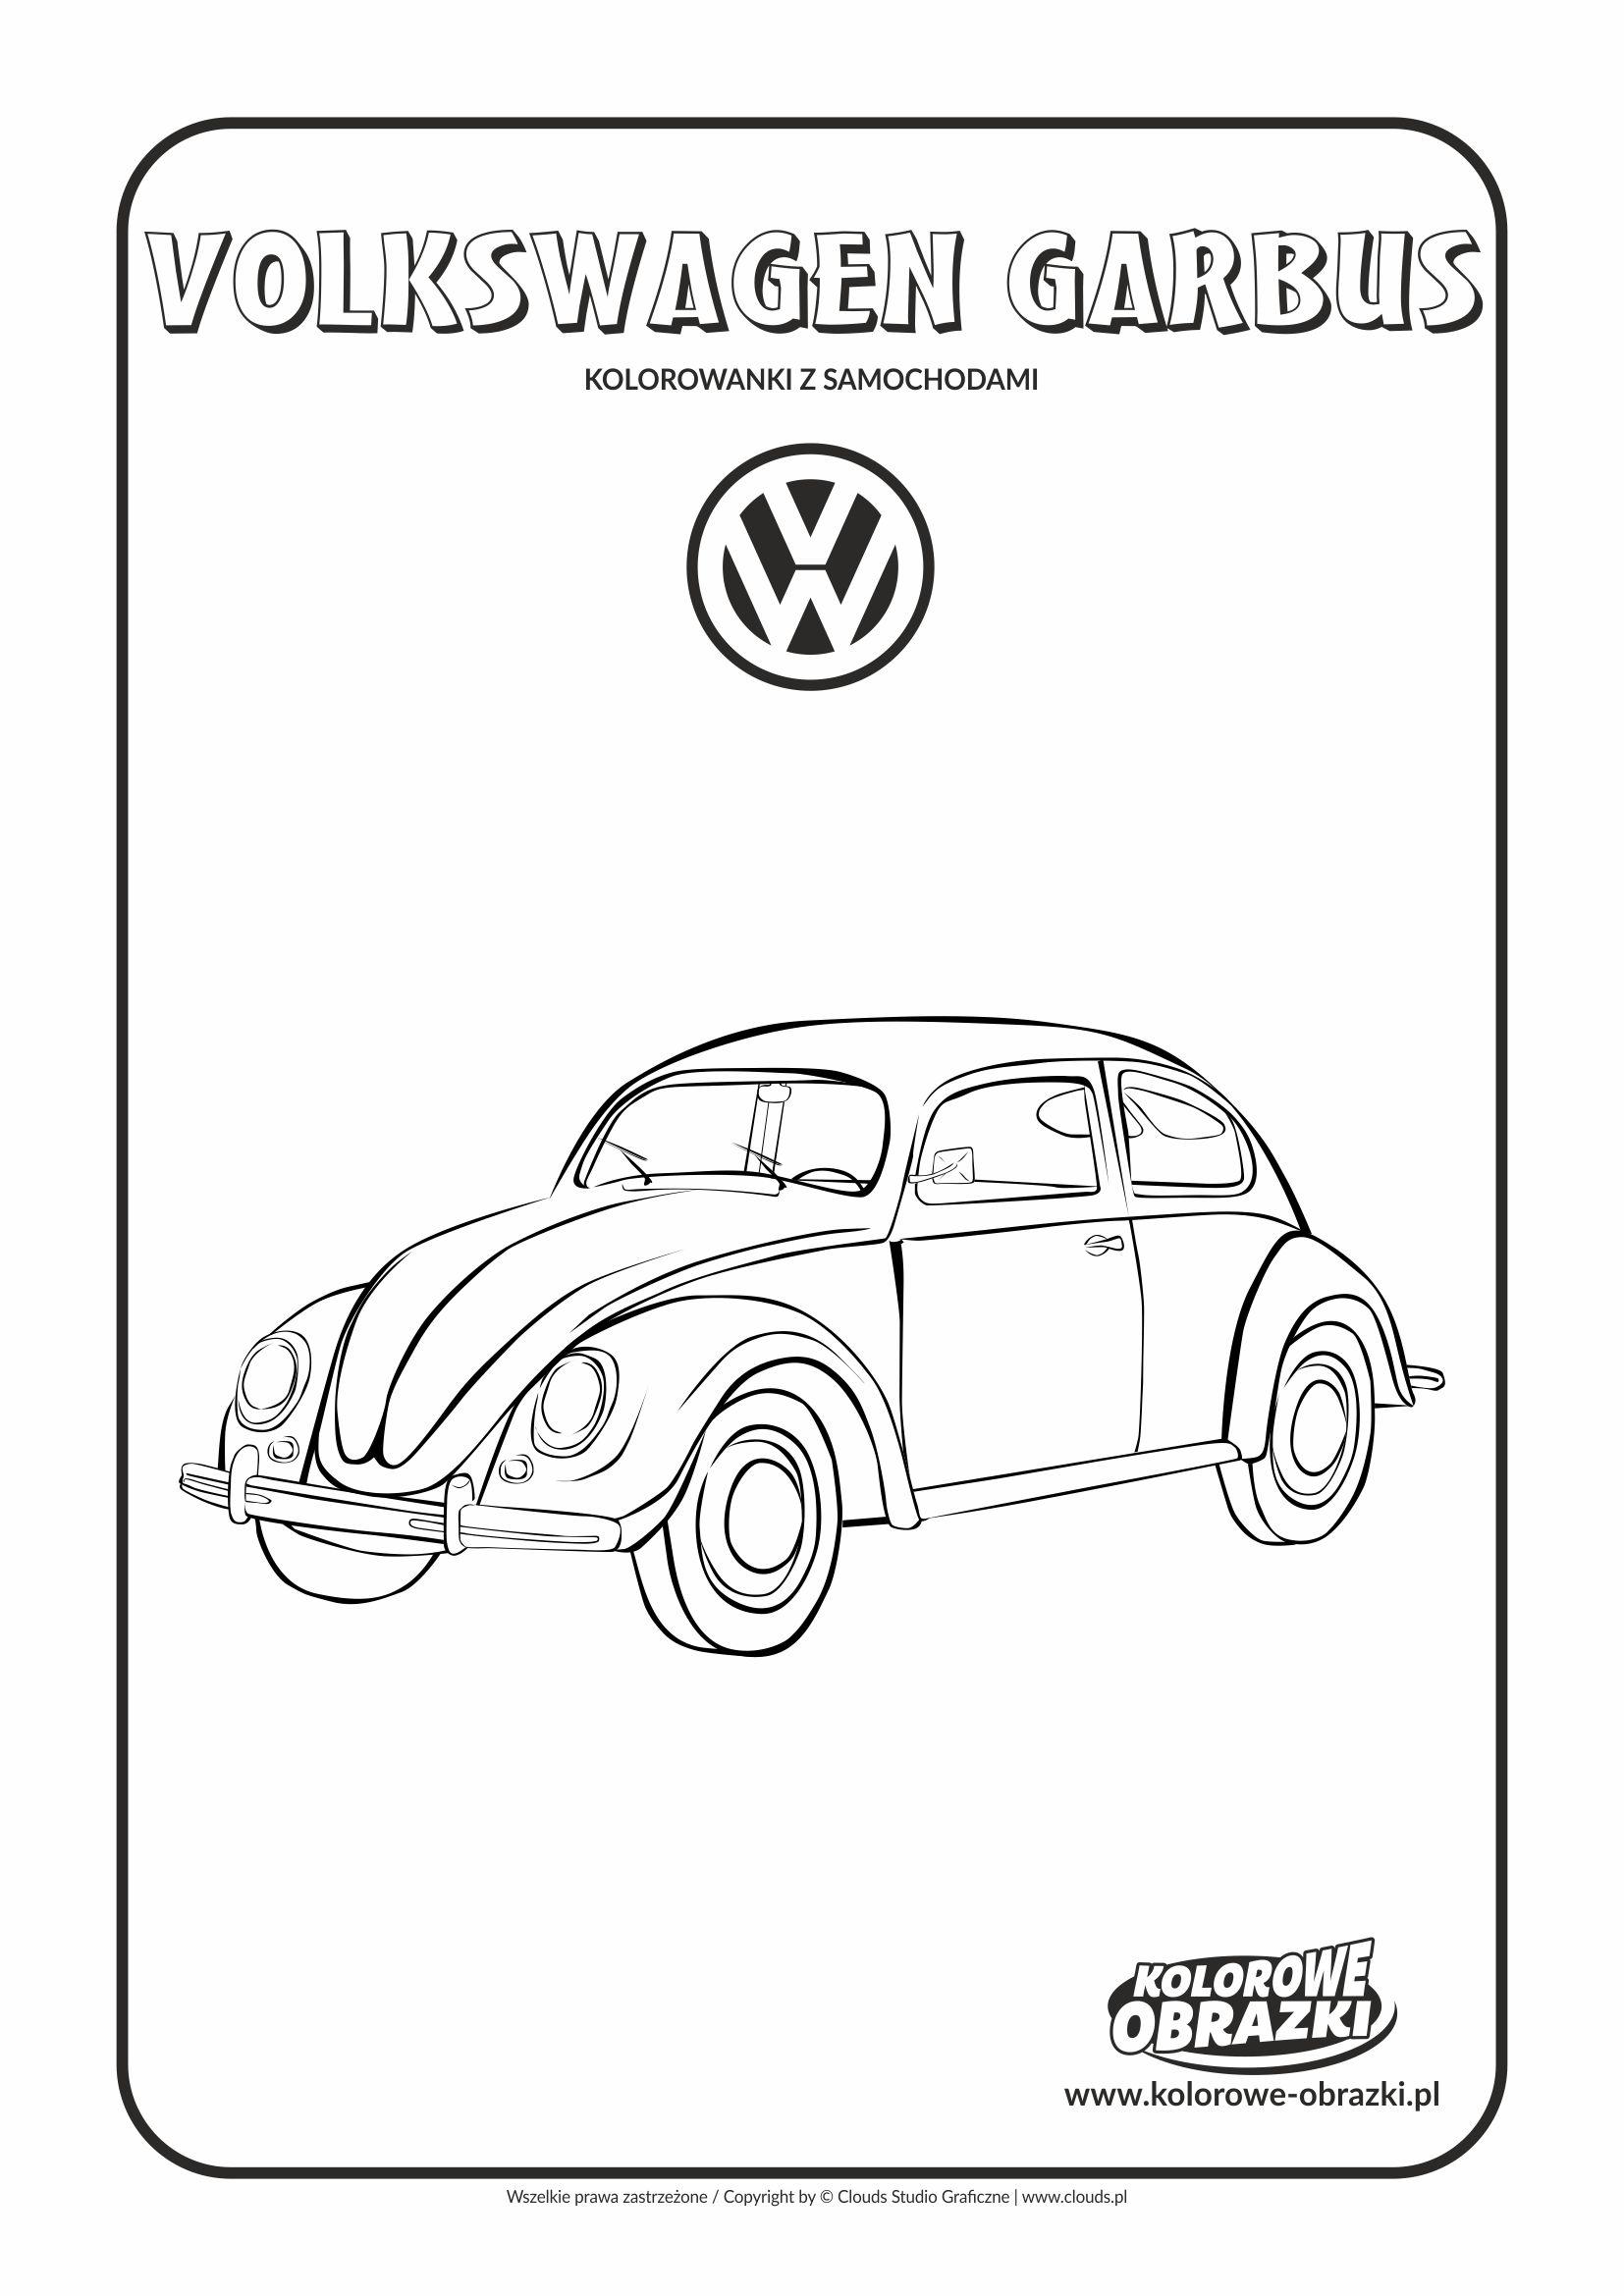 Kolorowanki dla dzieci - Pojazdy / Volkswagen Garbus. Kolorowanka z Volkswagenem Garbusem